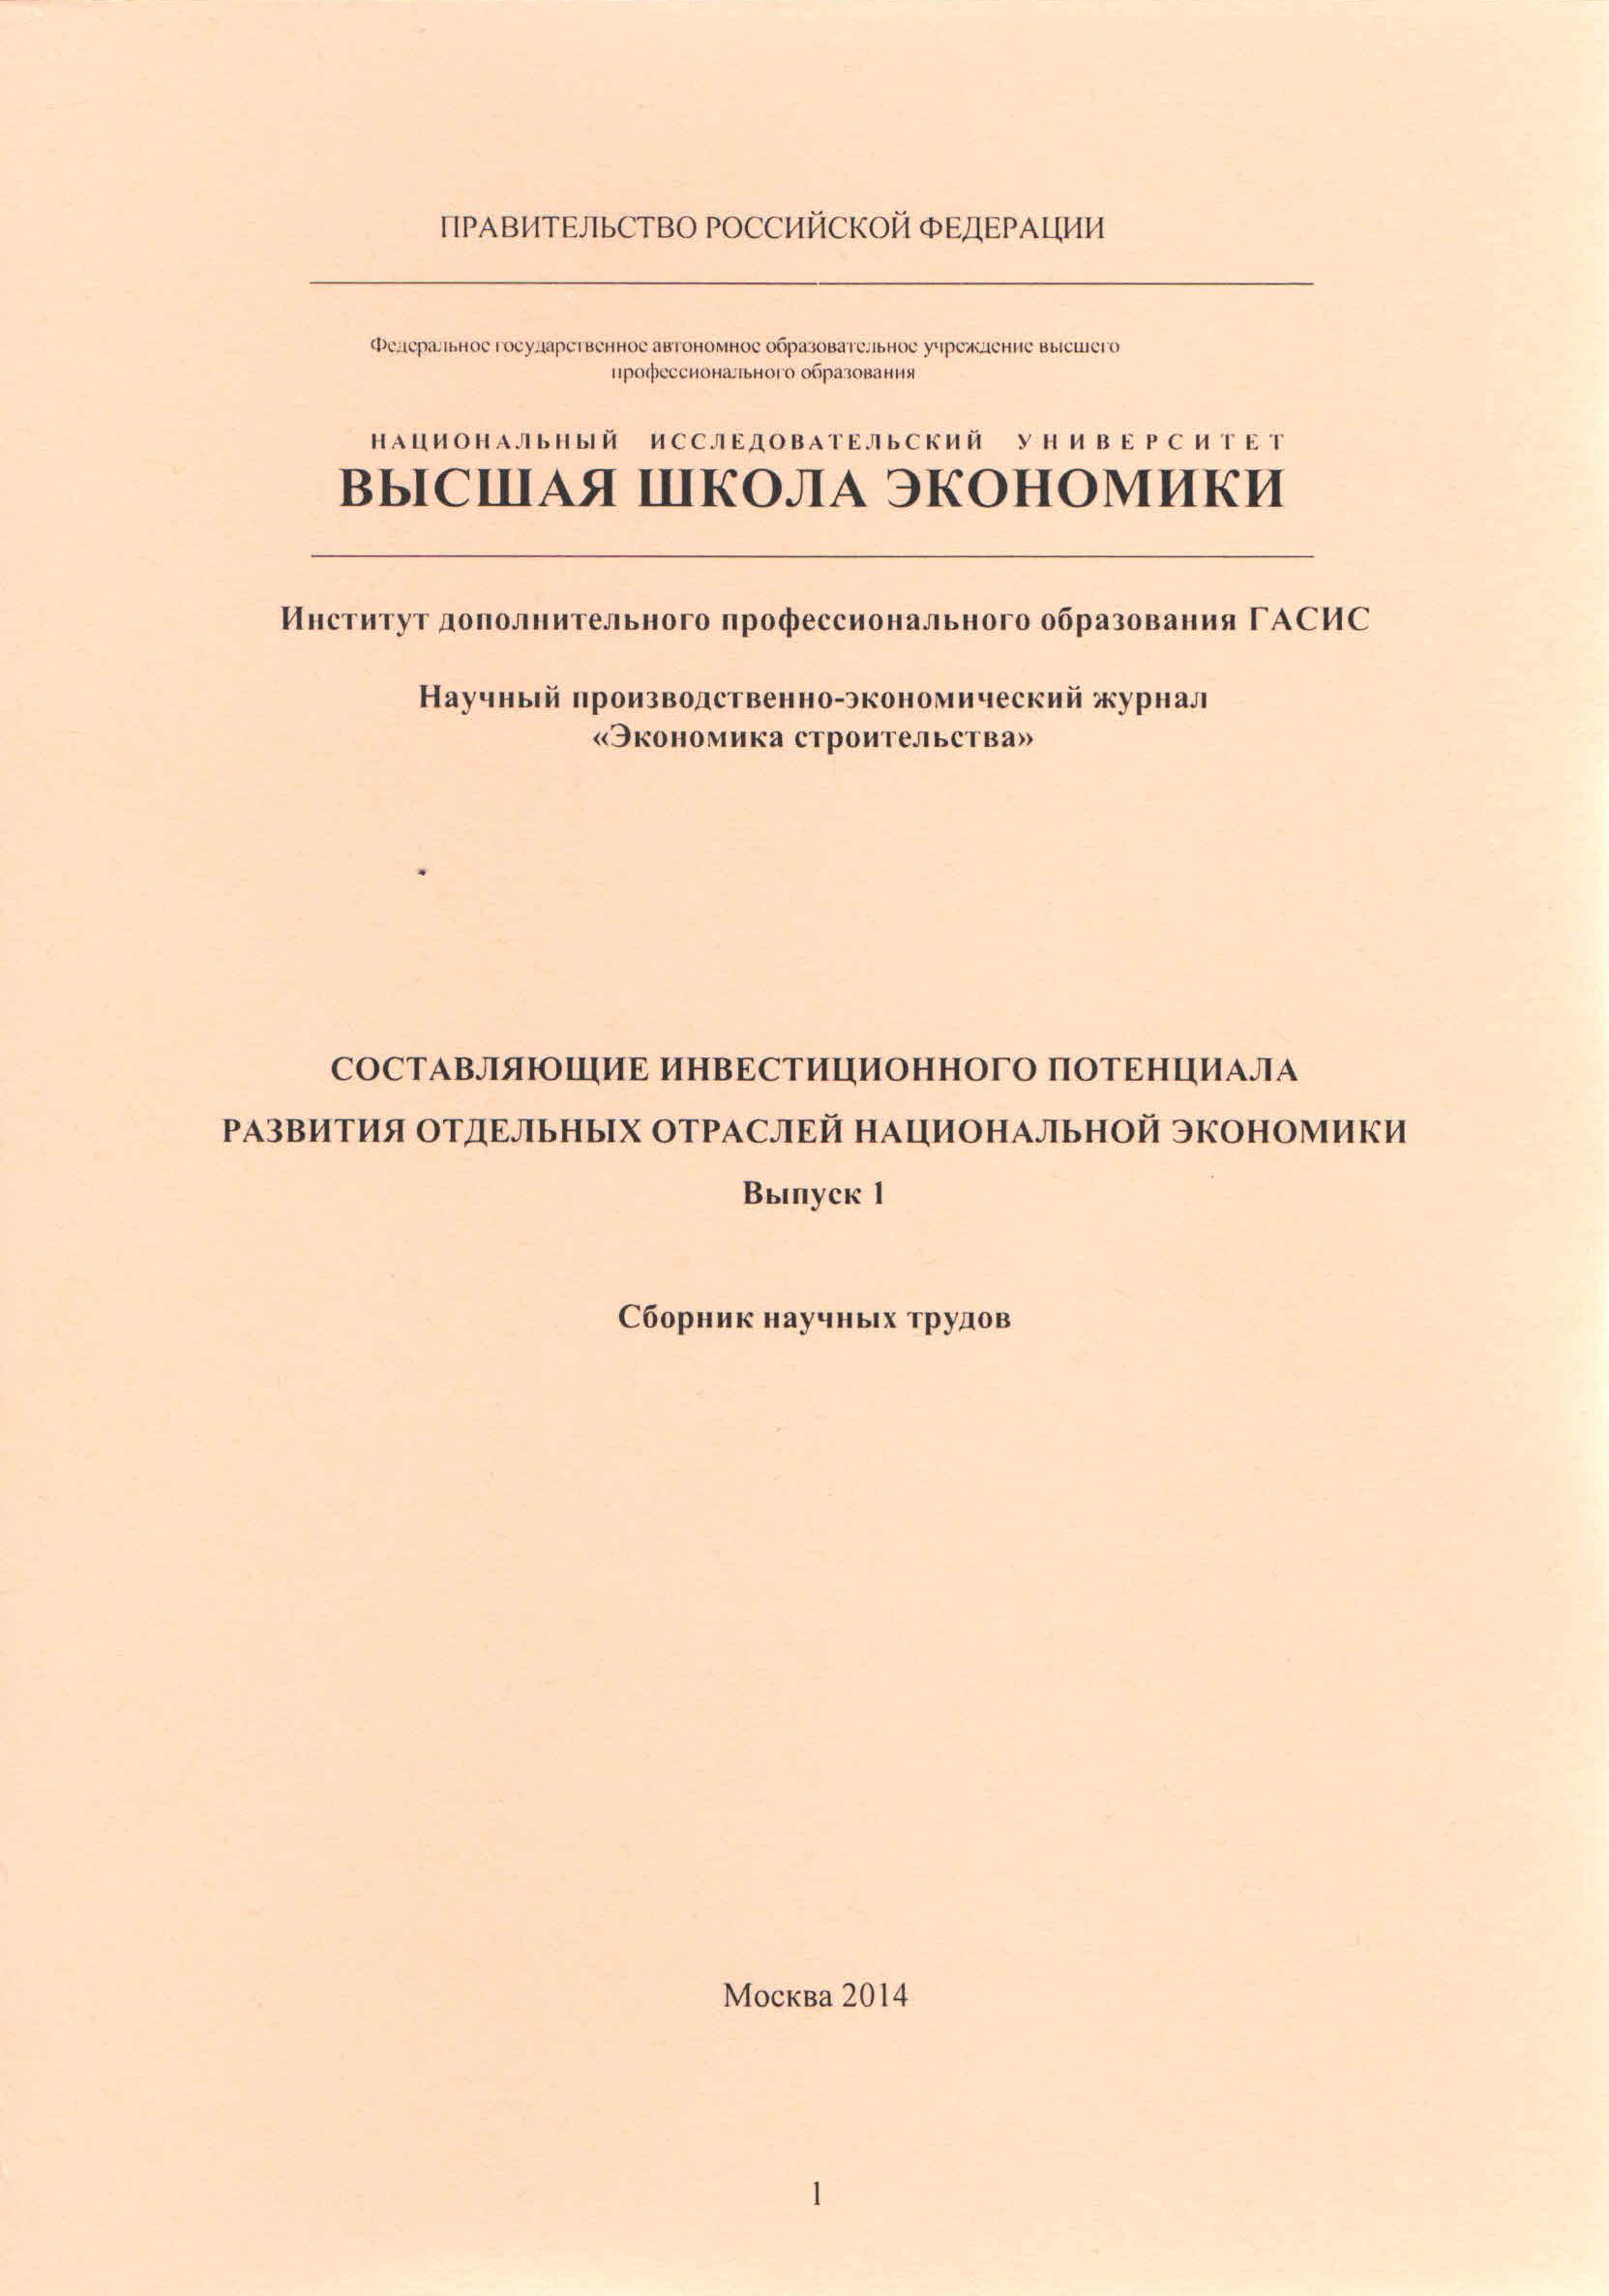 Составляющие инвестиционного потенциала развития отдельных отраслей национальной экономики: сборник научных трудов